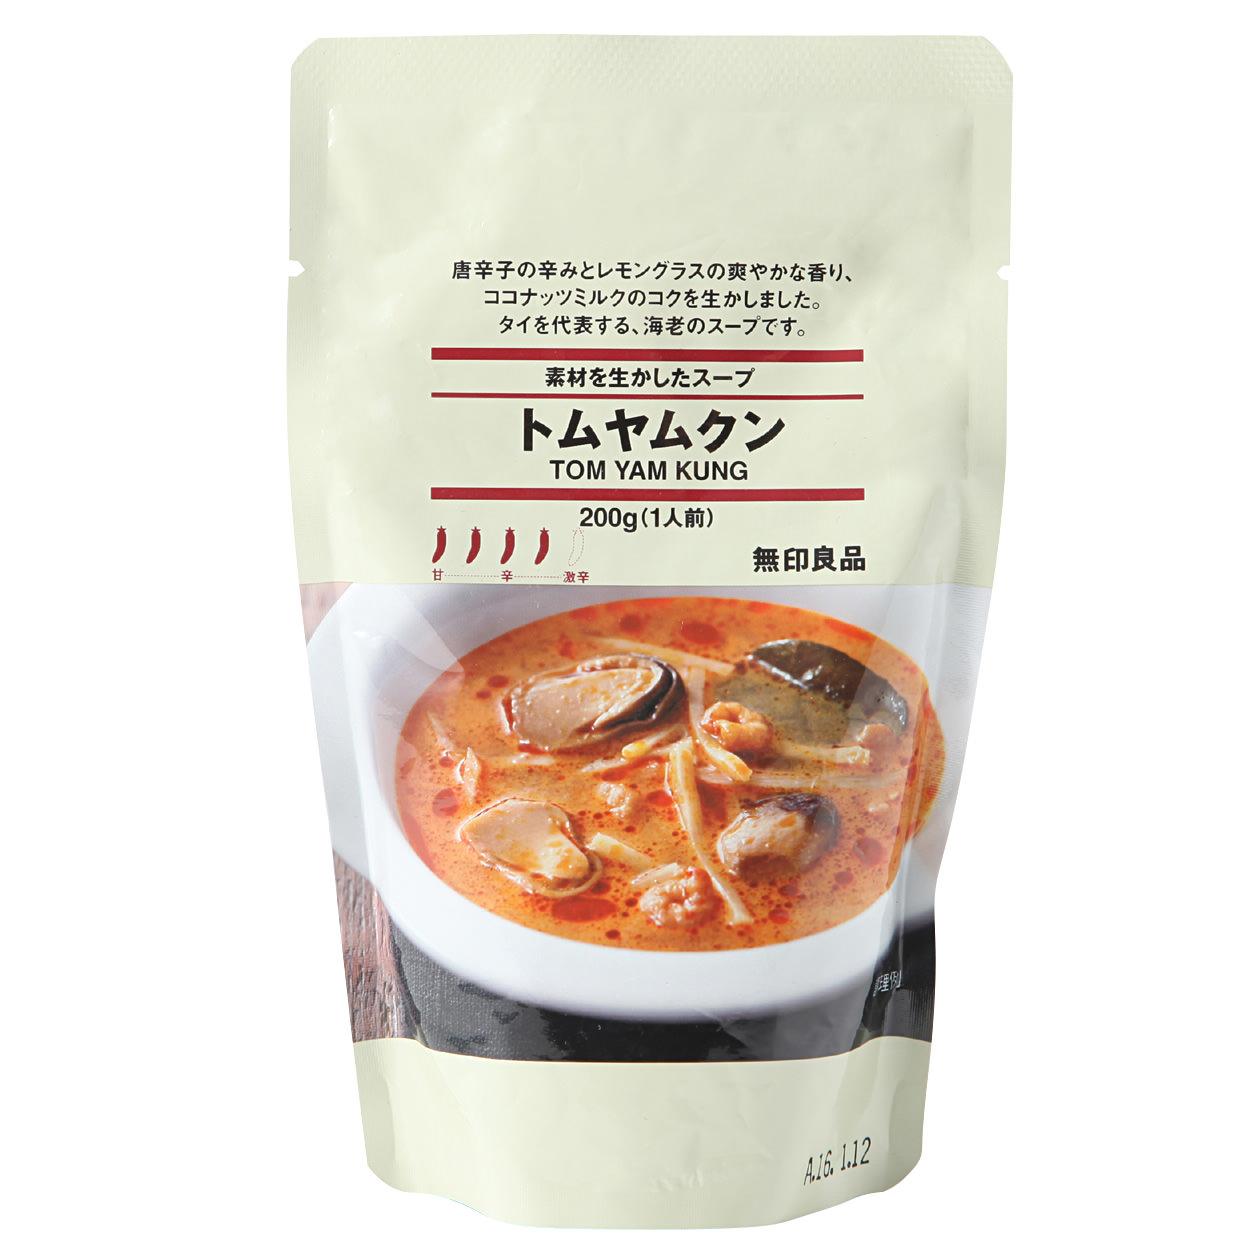 素材を生かしたスープ トムヤムクン 200g(1人前)